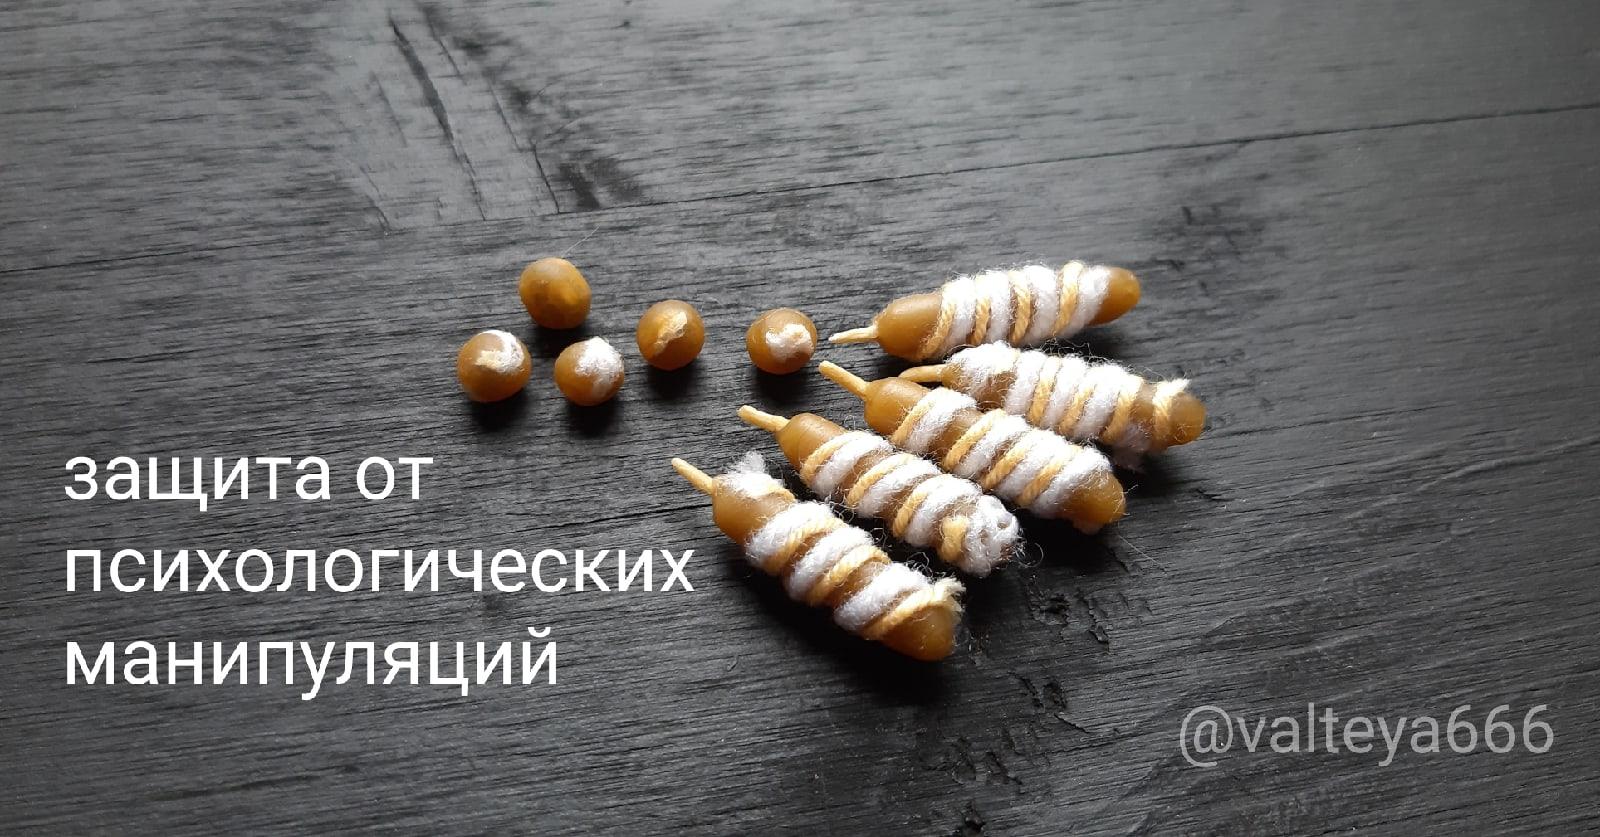 любовнаямагия - Программные свечи от Елены Руденко. - Страница 17 OlquKjUCHAM